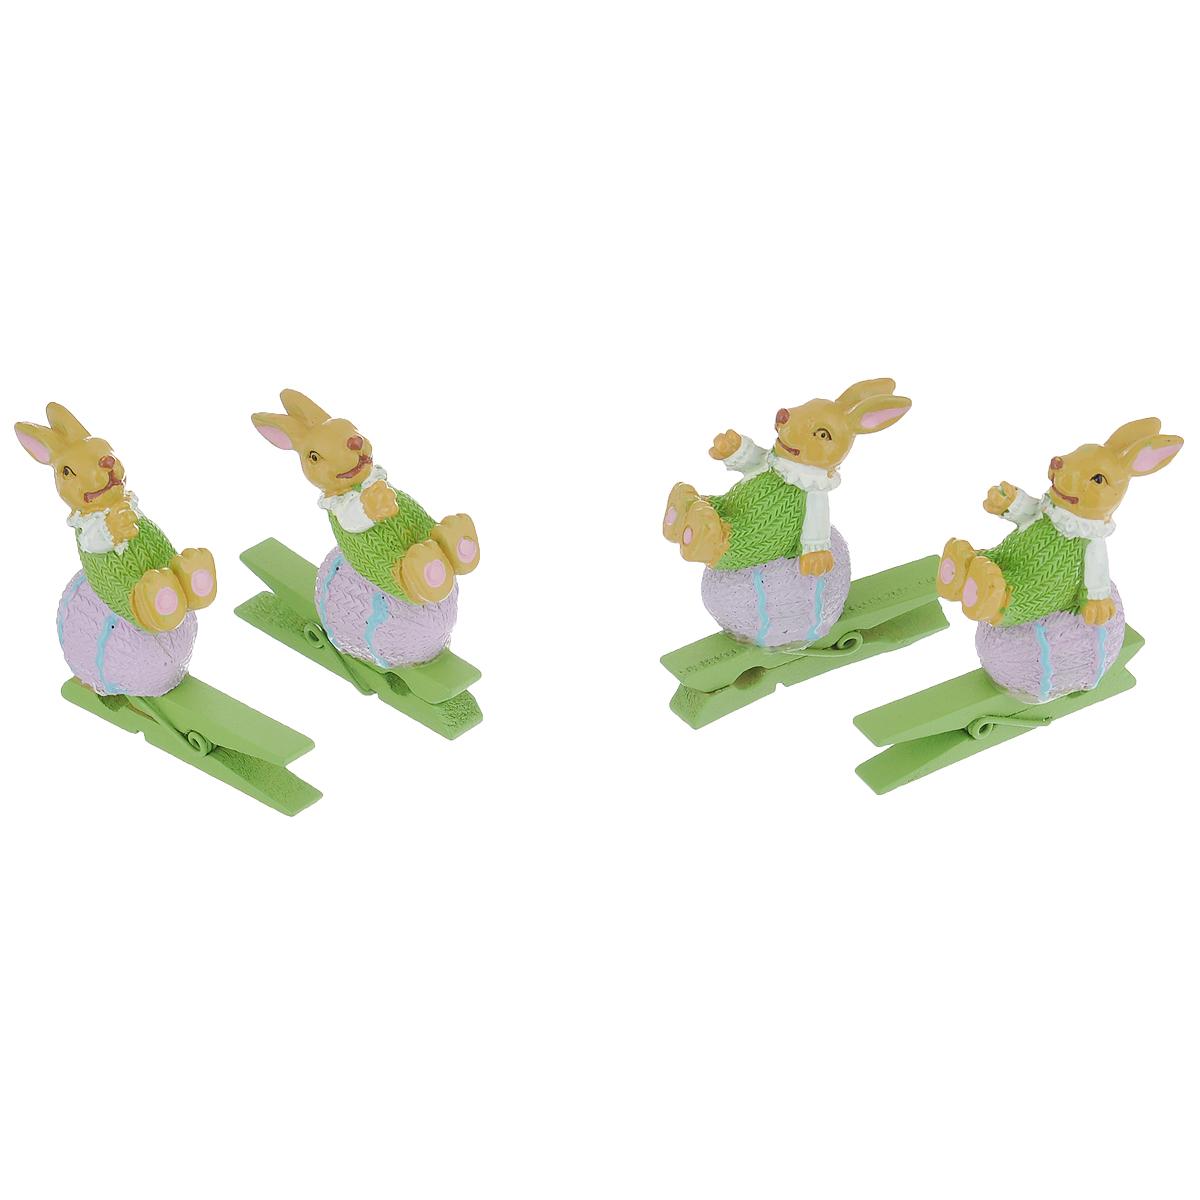 Набор декоративных прищепок Феникс-презент Кролики, 4 штМ1307Набор Феникс-презент Кролики состоит из 4 декоративных прищепок, выполненных из дерева. Прищепки оформлены декоративными фигурками из полирезины в виде забавных кроликов на пасхальных яйцах. Изделия используются для развешивания стикеров на веревке, маленьких игрушек, а оригинальность и веселые цвета прищепок будут радовать глаз и поднимут настроение.Размер прищепки: 4,5 см х 2 см х 4 см.